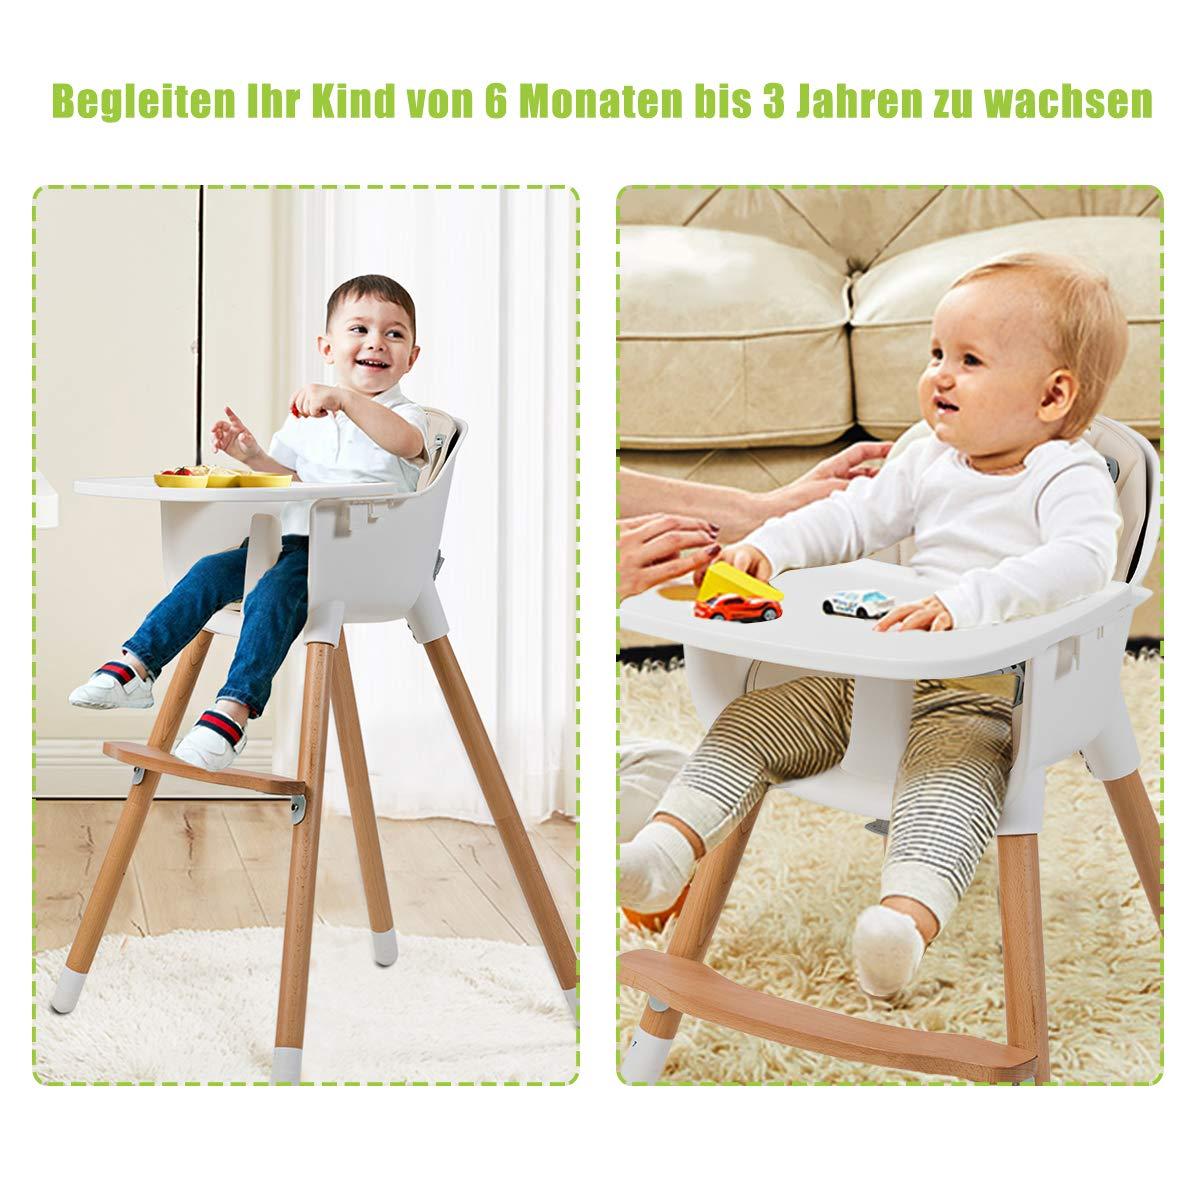 Kombihochstuhl Baby f/ür Kleinkinder und S/äuglinge Holzhochstuhl Kinder mit einstellbare Ablage und Fu/ßst/ütze Treppenhochstuhl COSTWAY 2-in-1 Babyhochstuhl Kinderhochstuhl aus Holz